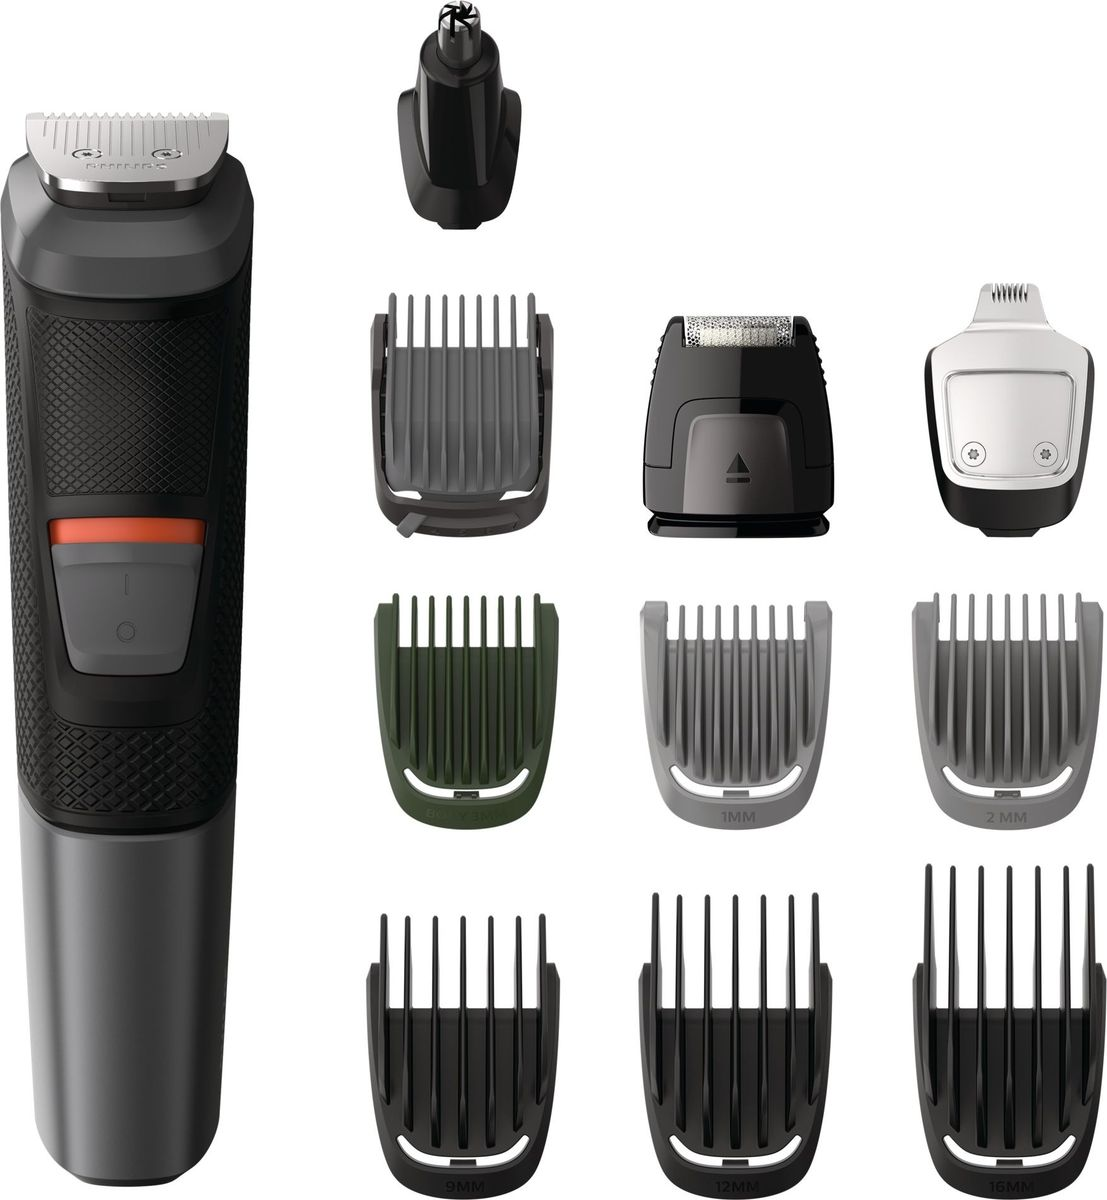 Philips MG5730 триммер 11 в 1 для волос на голове, лице и теле - Триммеры